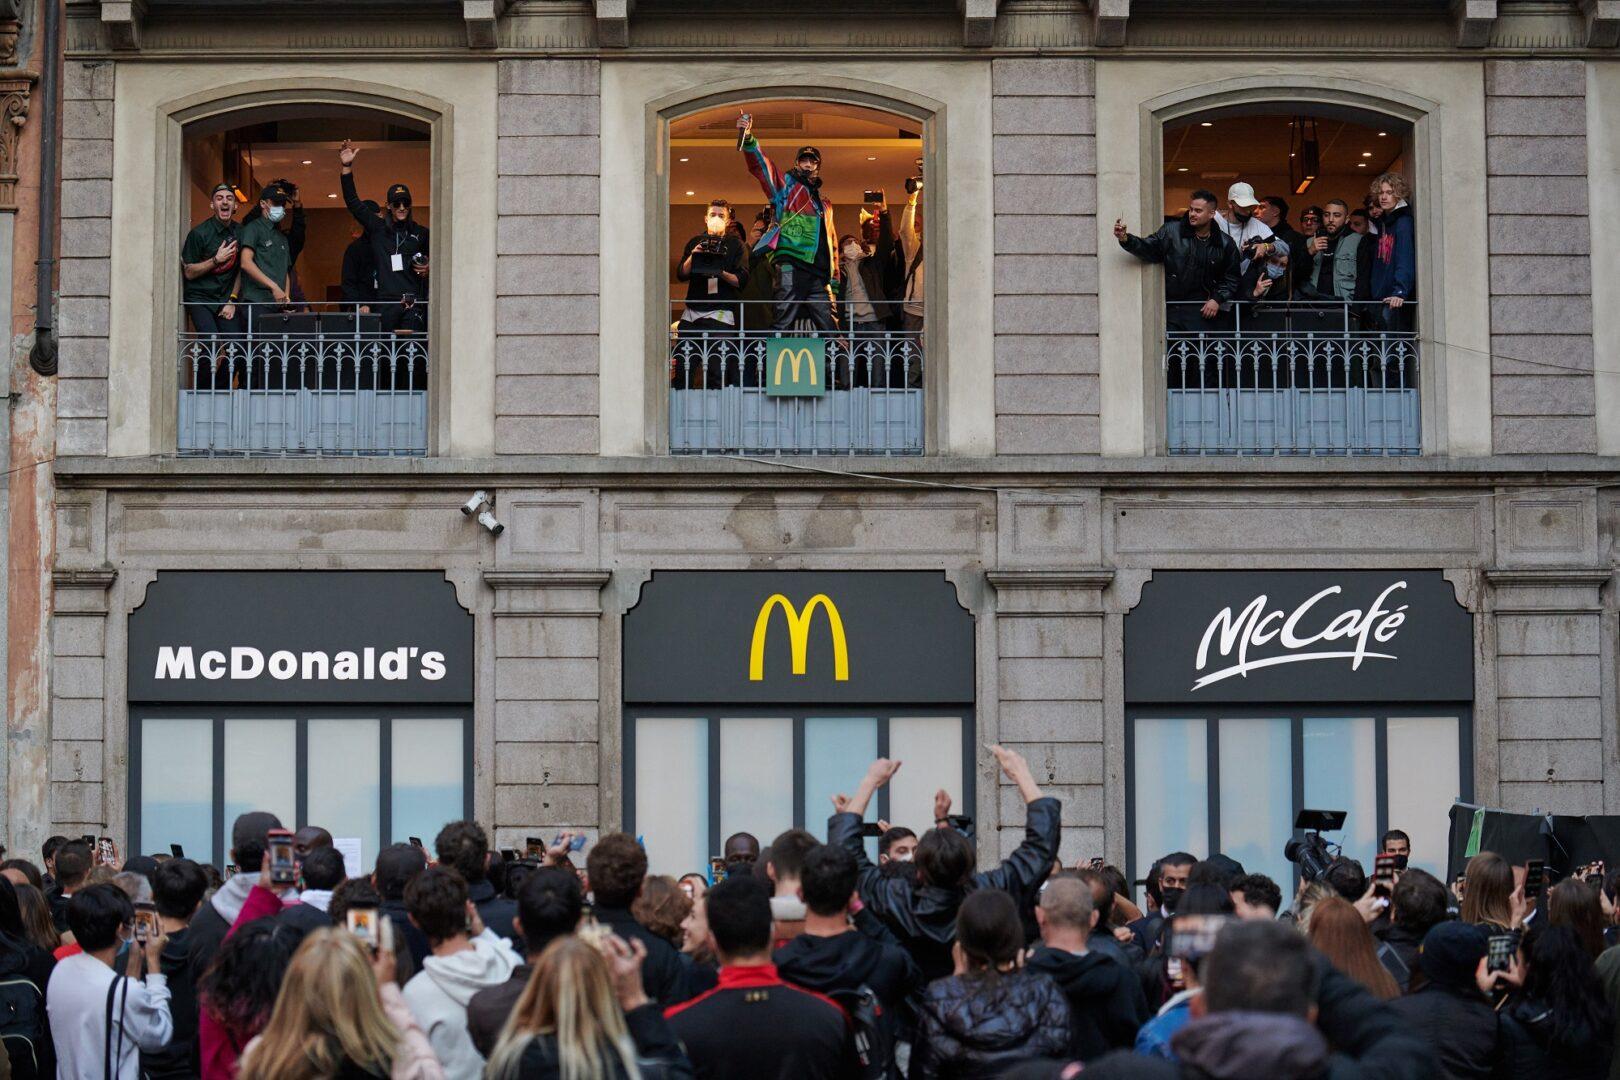 Milano, al ristorante McDonald's di Piazza Duomo a sorpresa arriva Ghali